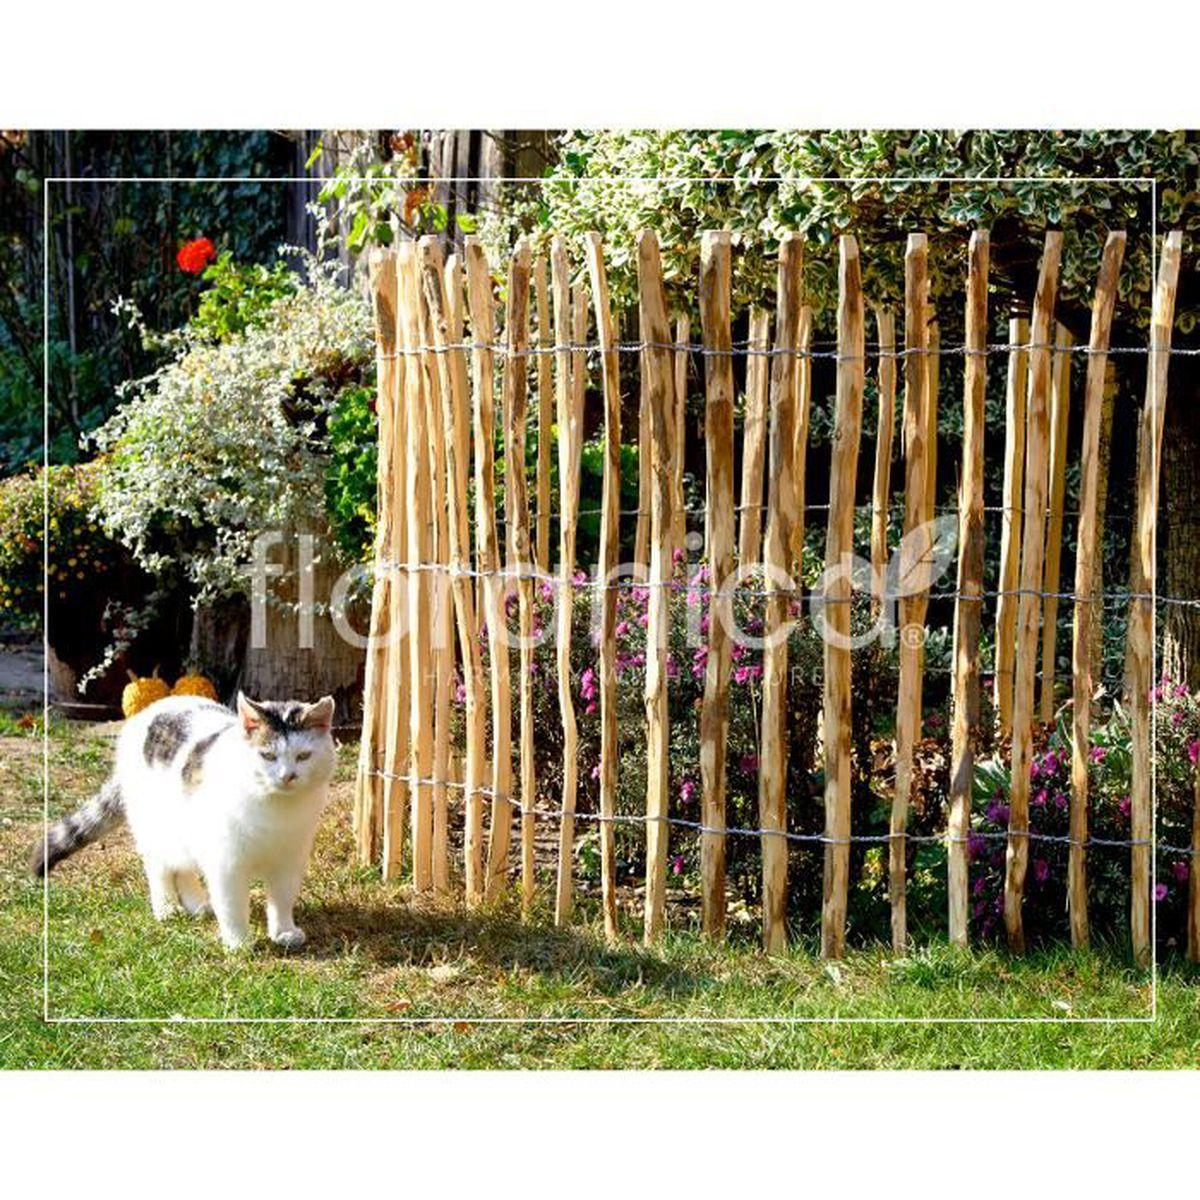 Faire Cloture Pas Cher clôture à lattis en bois de noisetier imprégné - longueur: 5m, ecart  piquets: 4 à 6 cm, hauteur: 60 cm